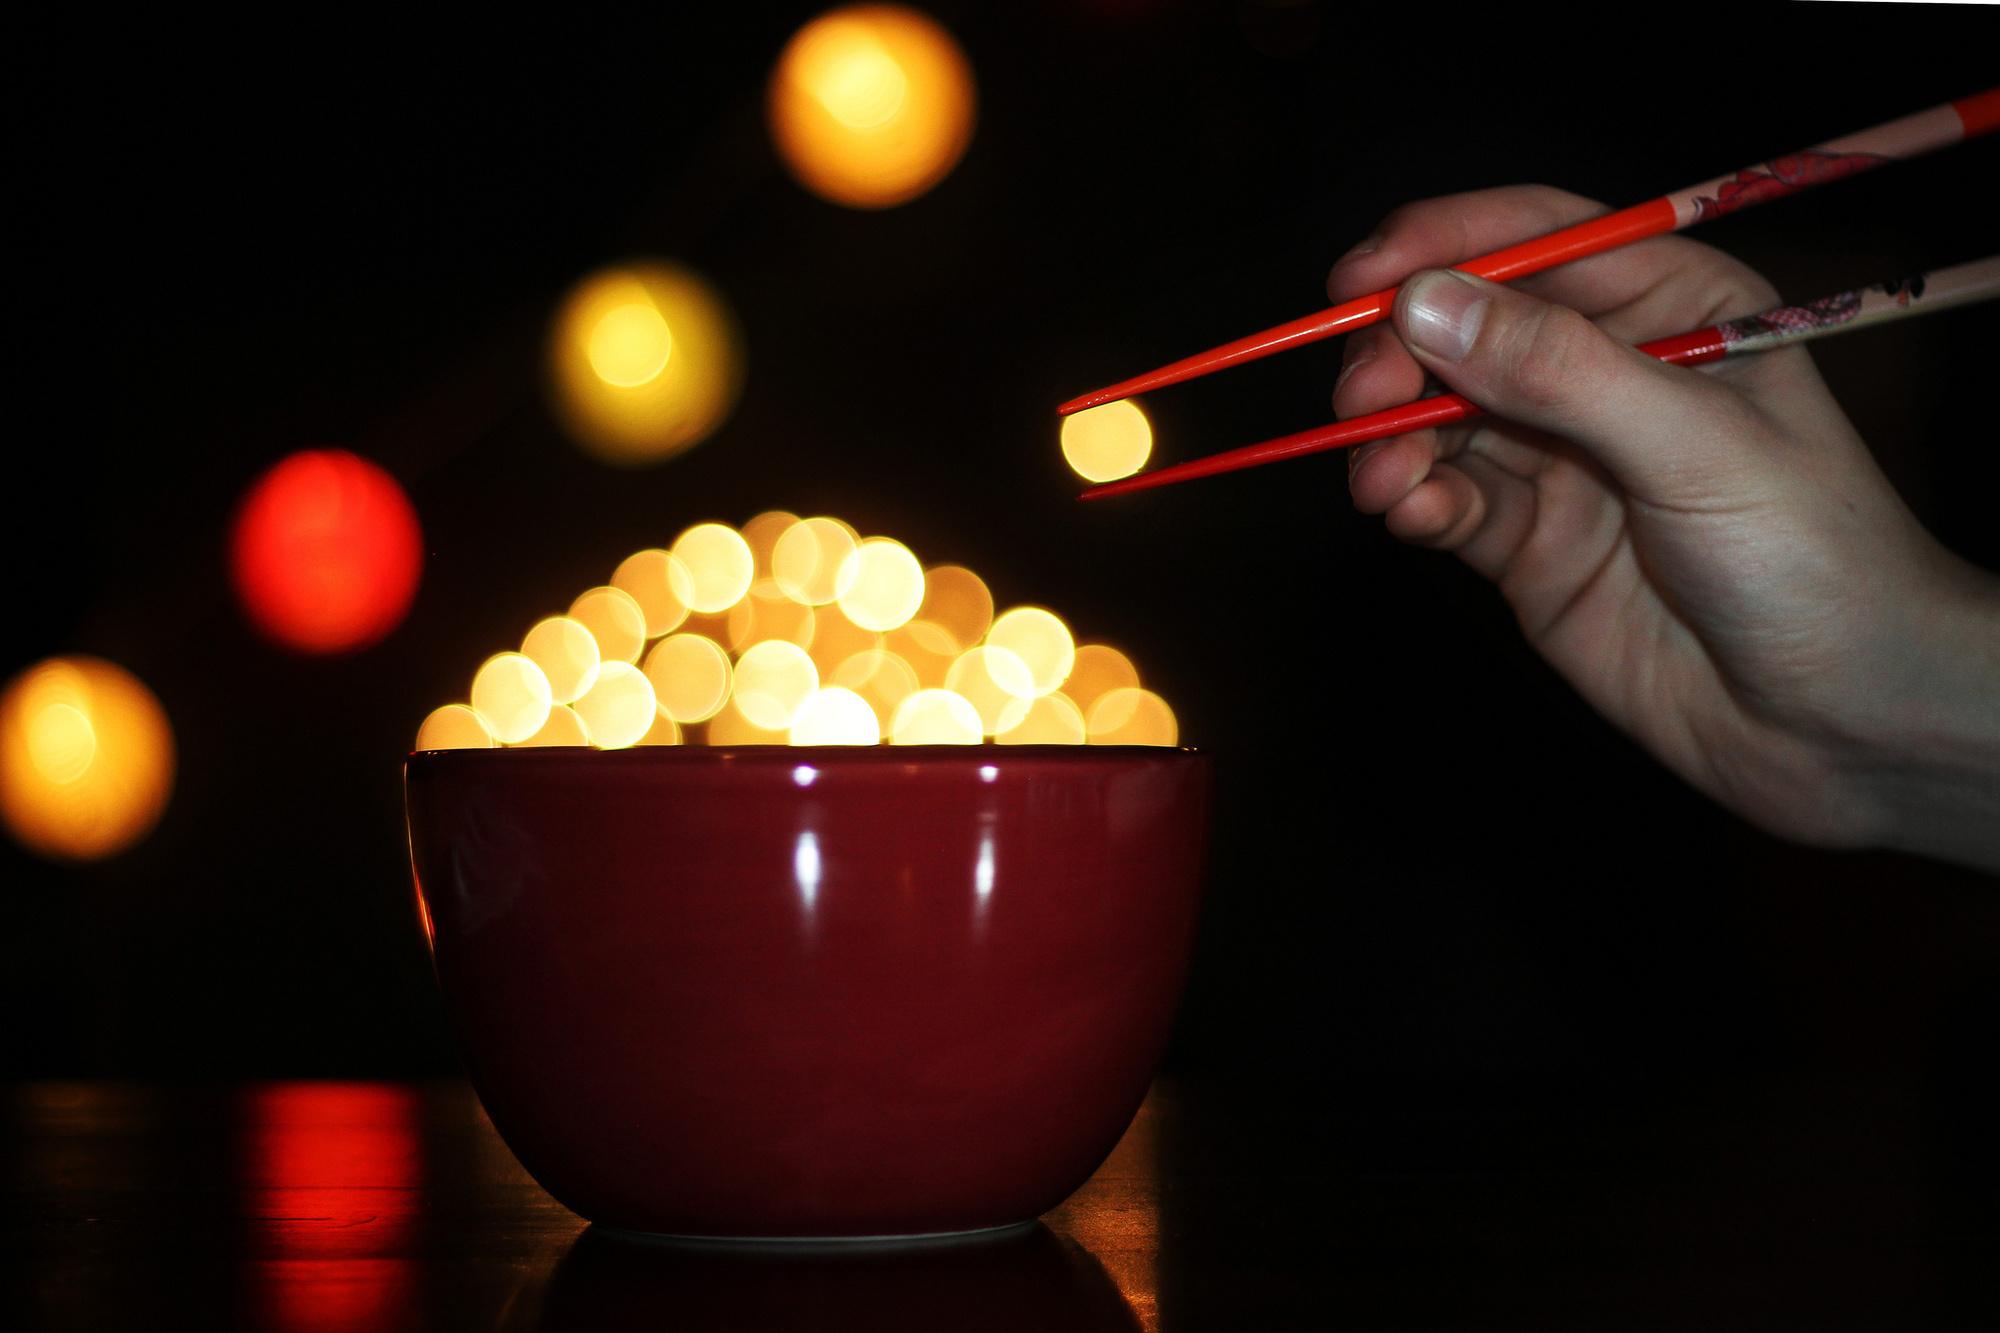 #7 Do you wanna eat a bowl of bokeh?